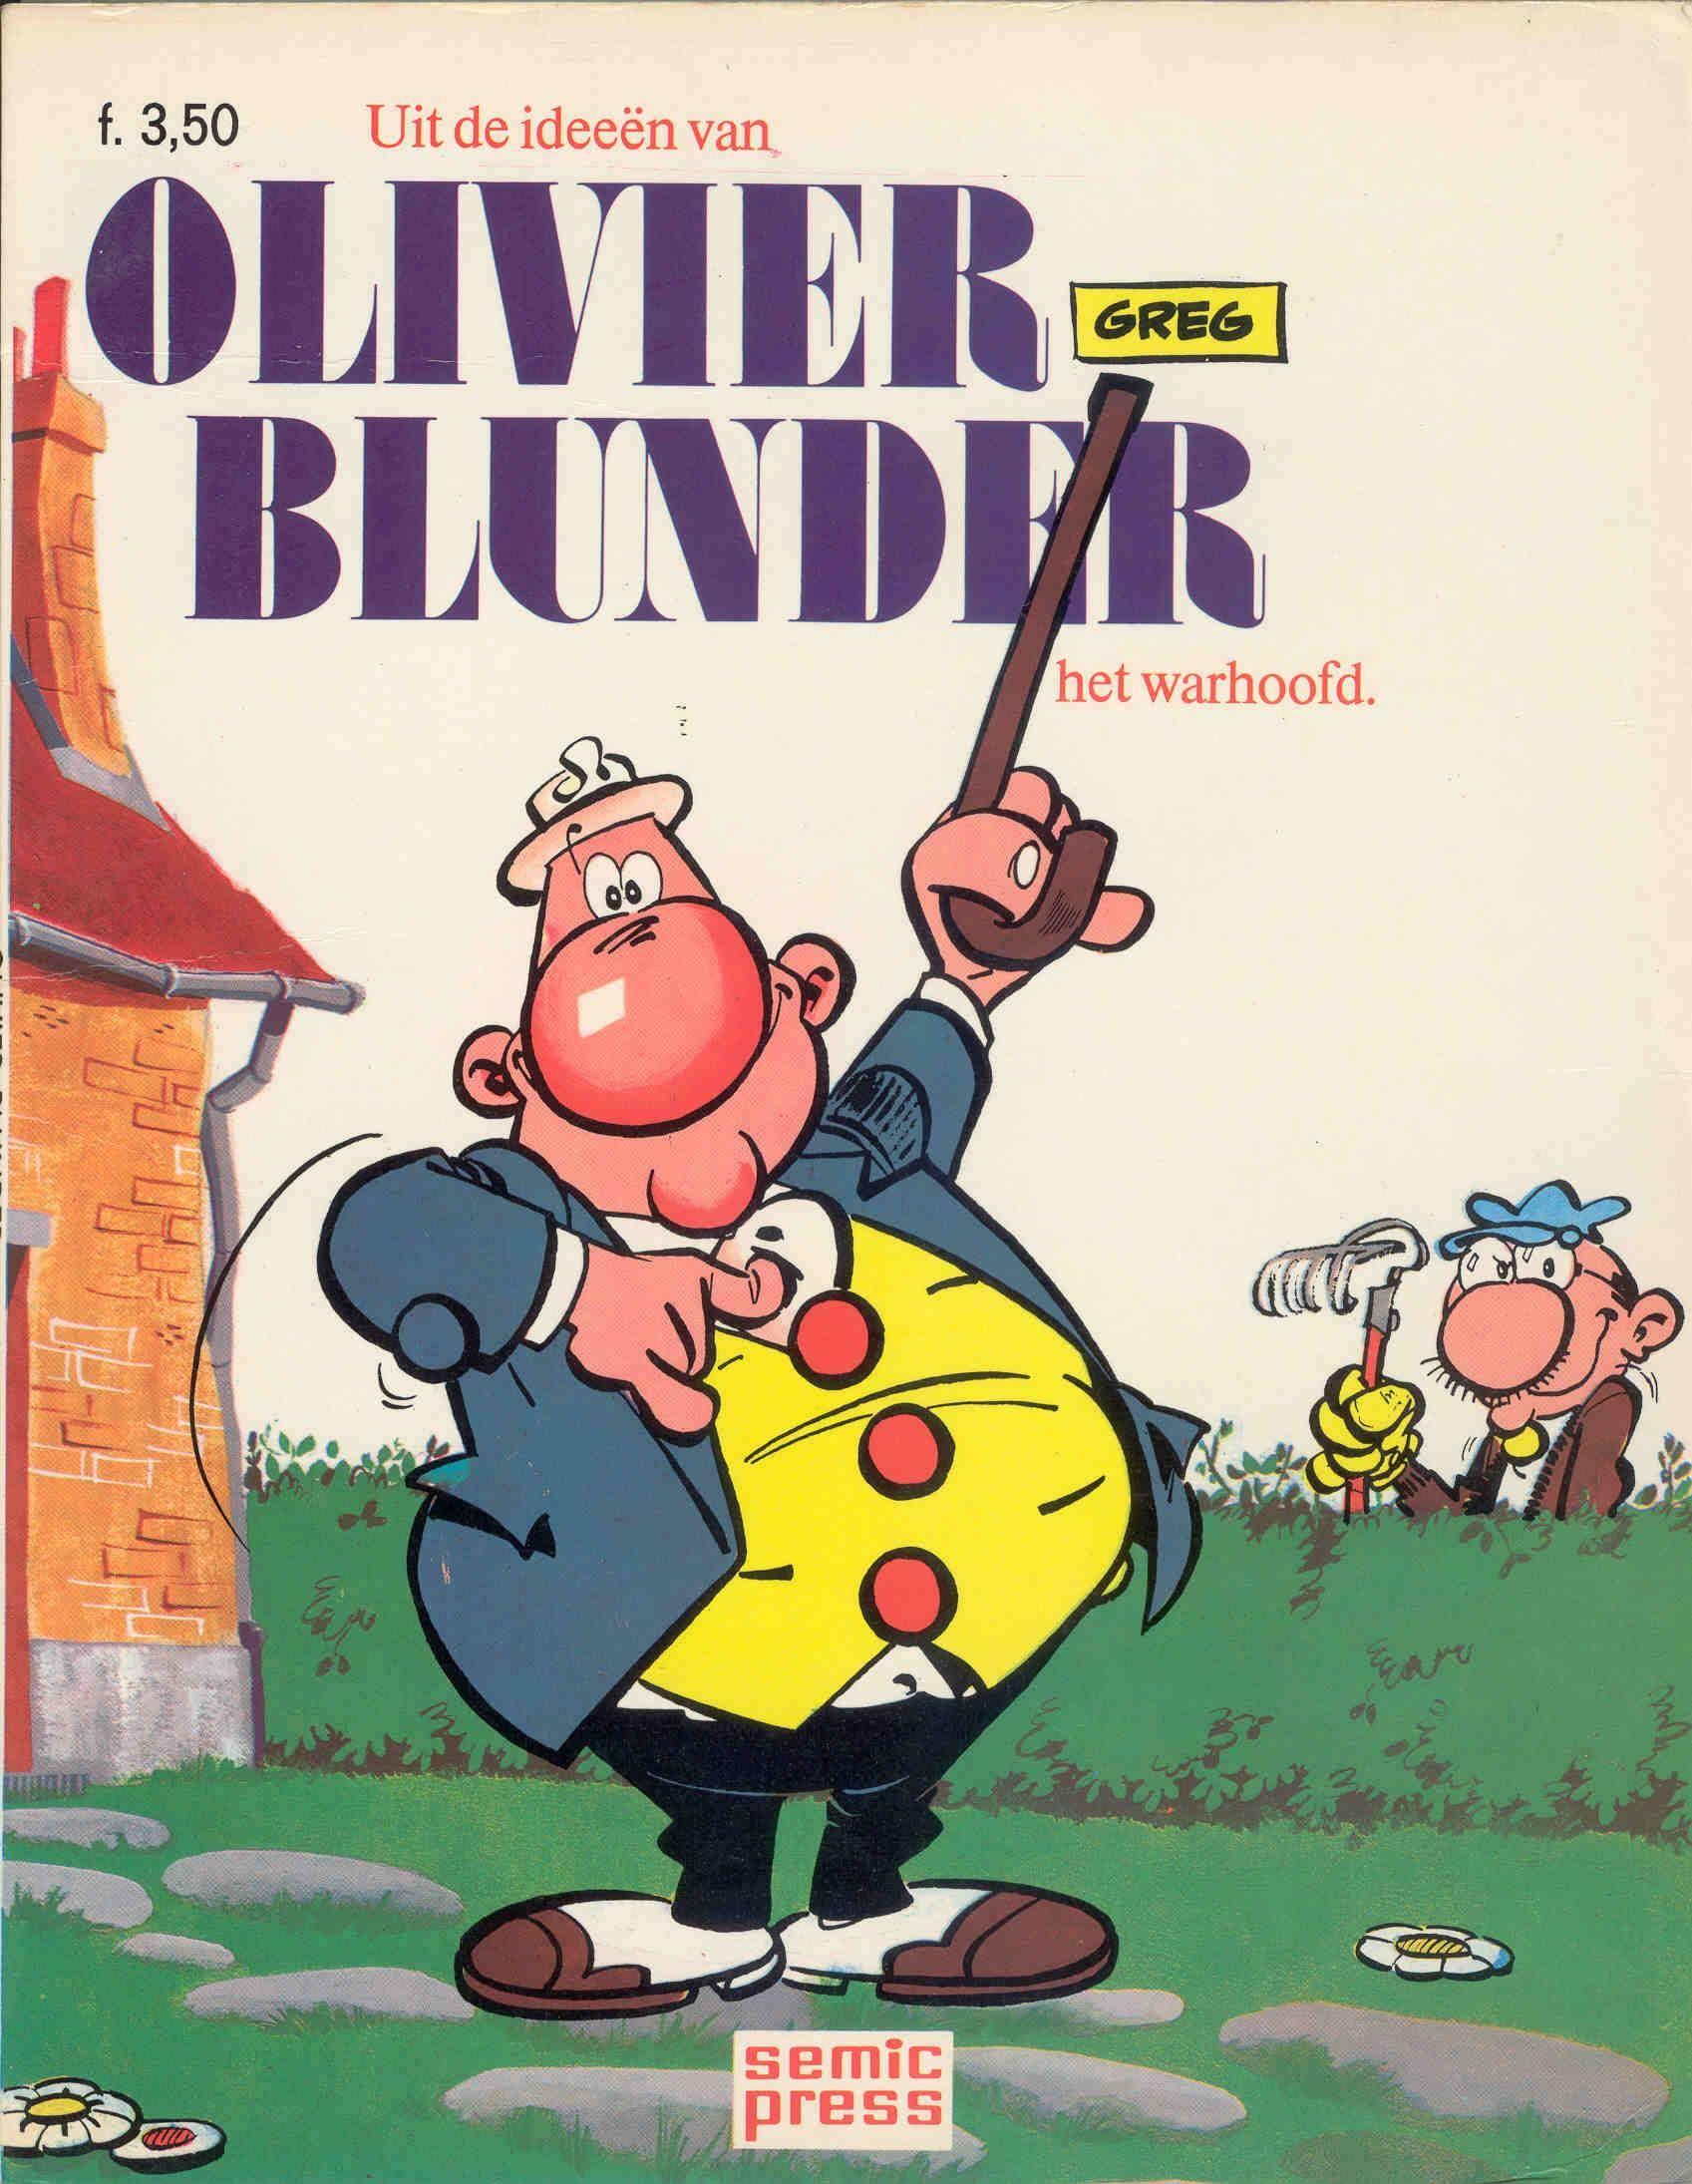 Olivier Blunder